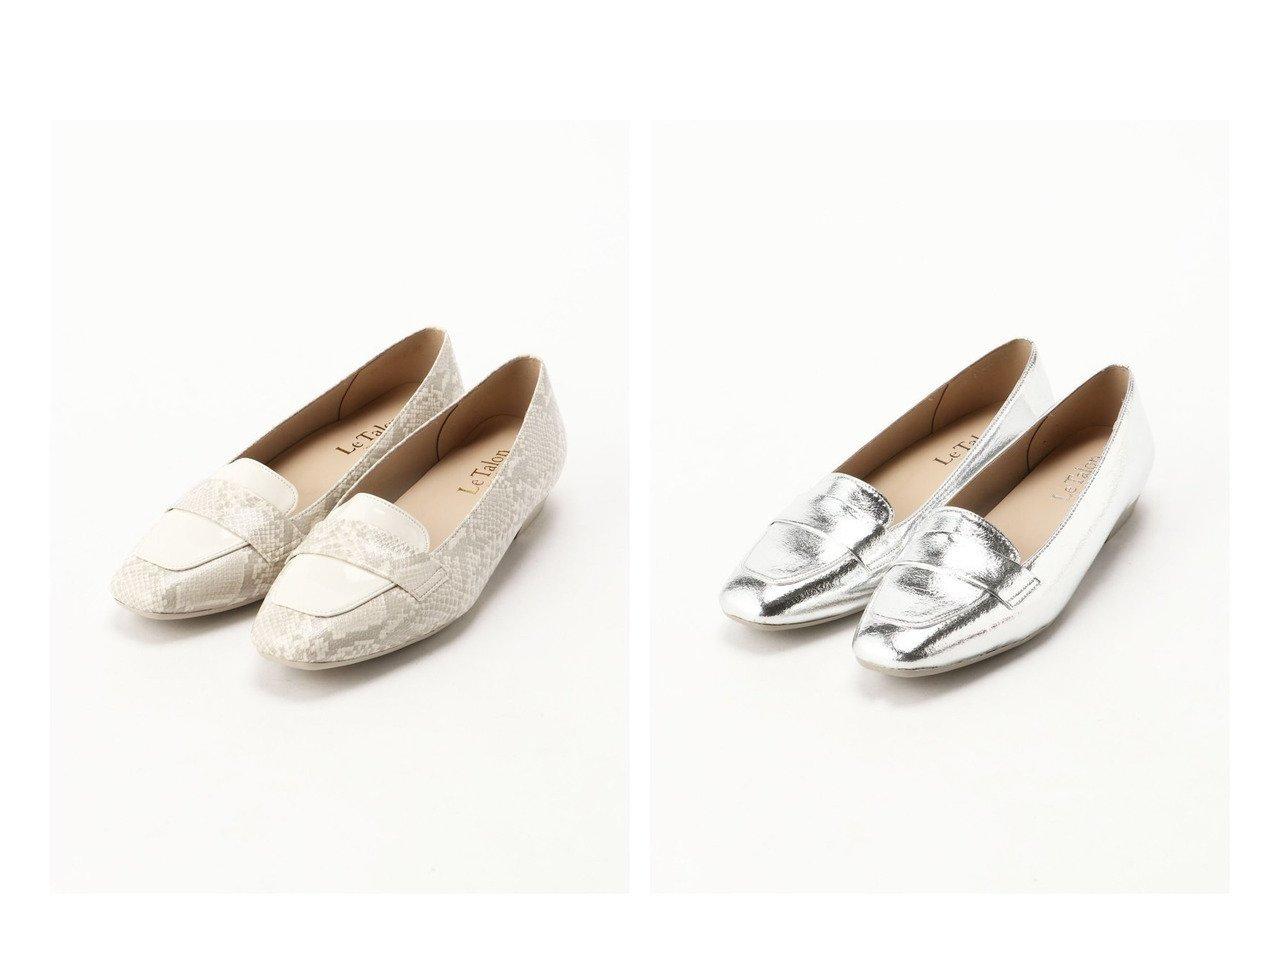 【Le Talon/ル タロン】のスクエアレインモールドFT 【シューズ・靴】おすすめ!人気、トレンド・レディースファッションの通販   おすすめで人気の流行・トレンド、ファッションの通販商品 メンズファッション・キッズファッション・インテリア・家具・レディースファッション・服の通販 founy(ファニー) https://founy.com/ ファッション Fashion レディースファッション WOMEN シューズ シンプル |ID:crp329100000026886